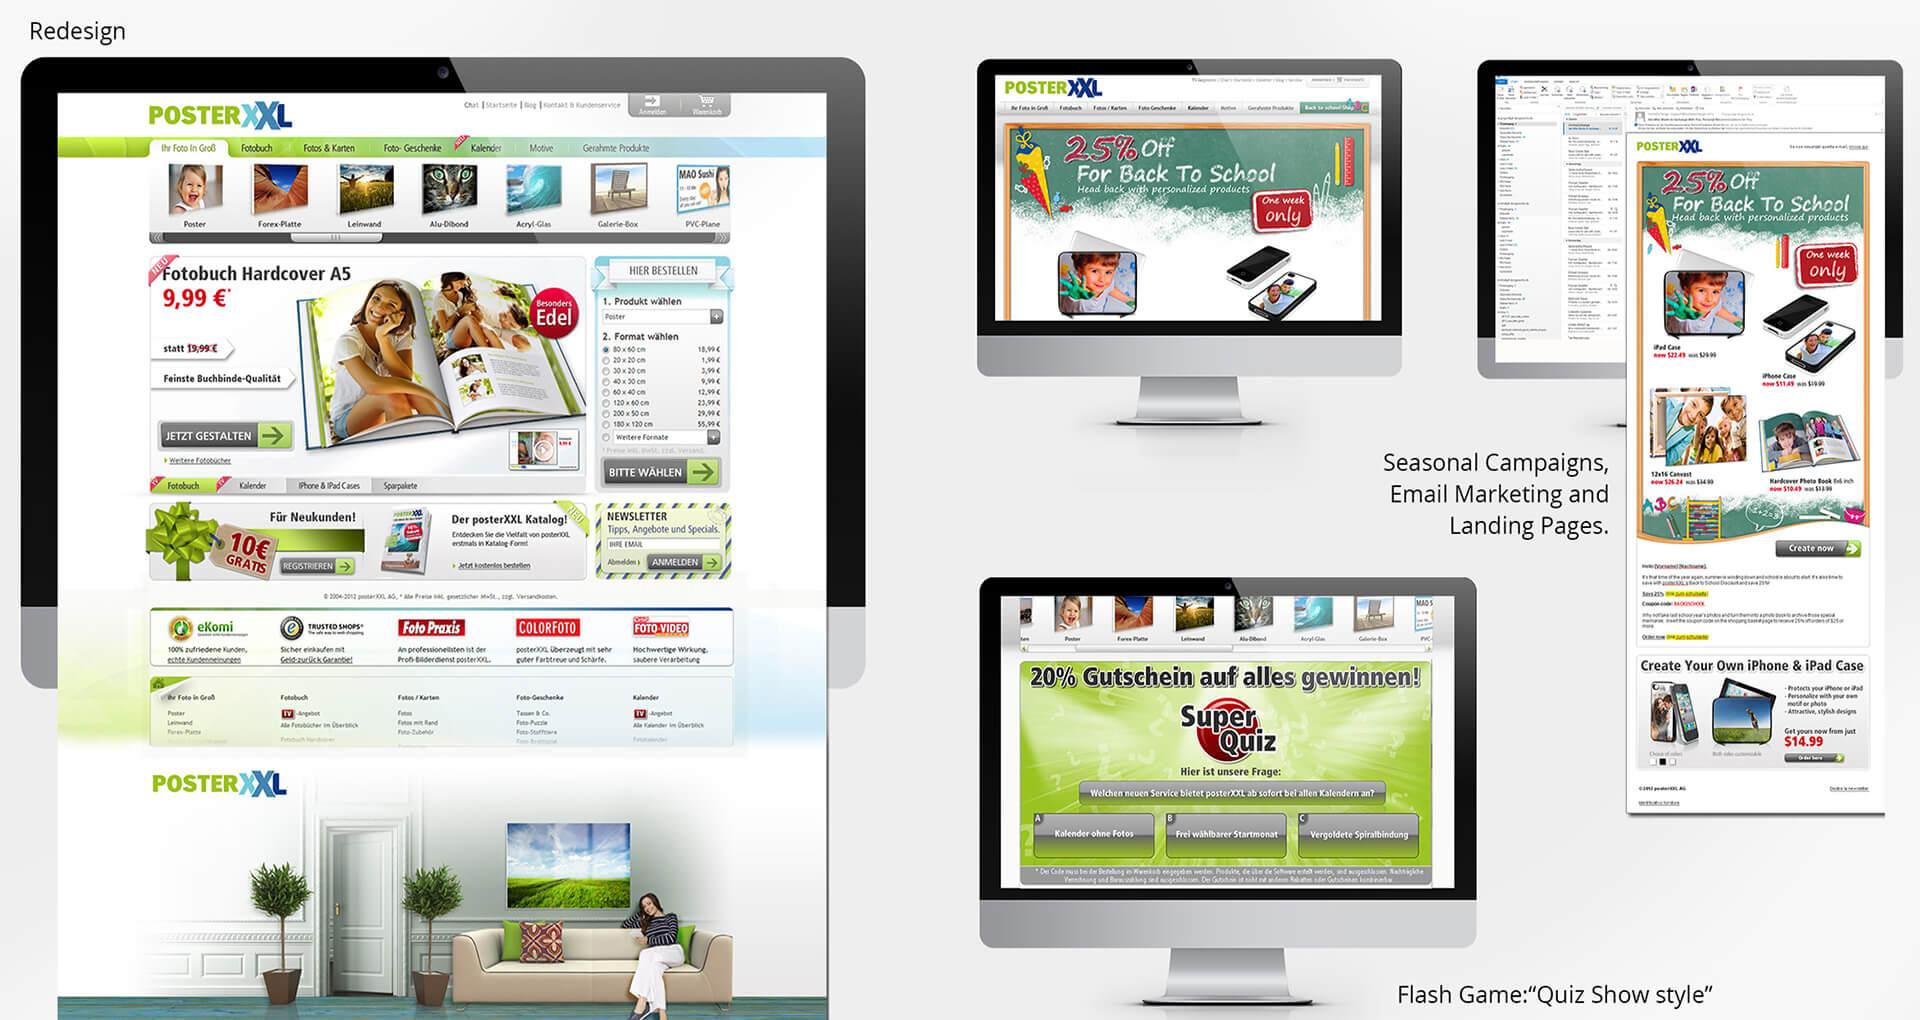 webdesign online marketing responsive wordpress html5 css newsletter banner 22